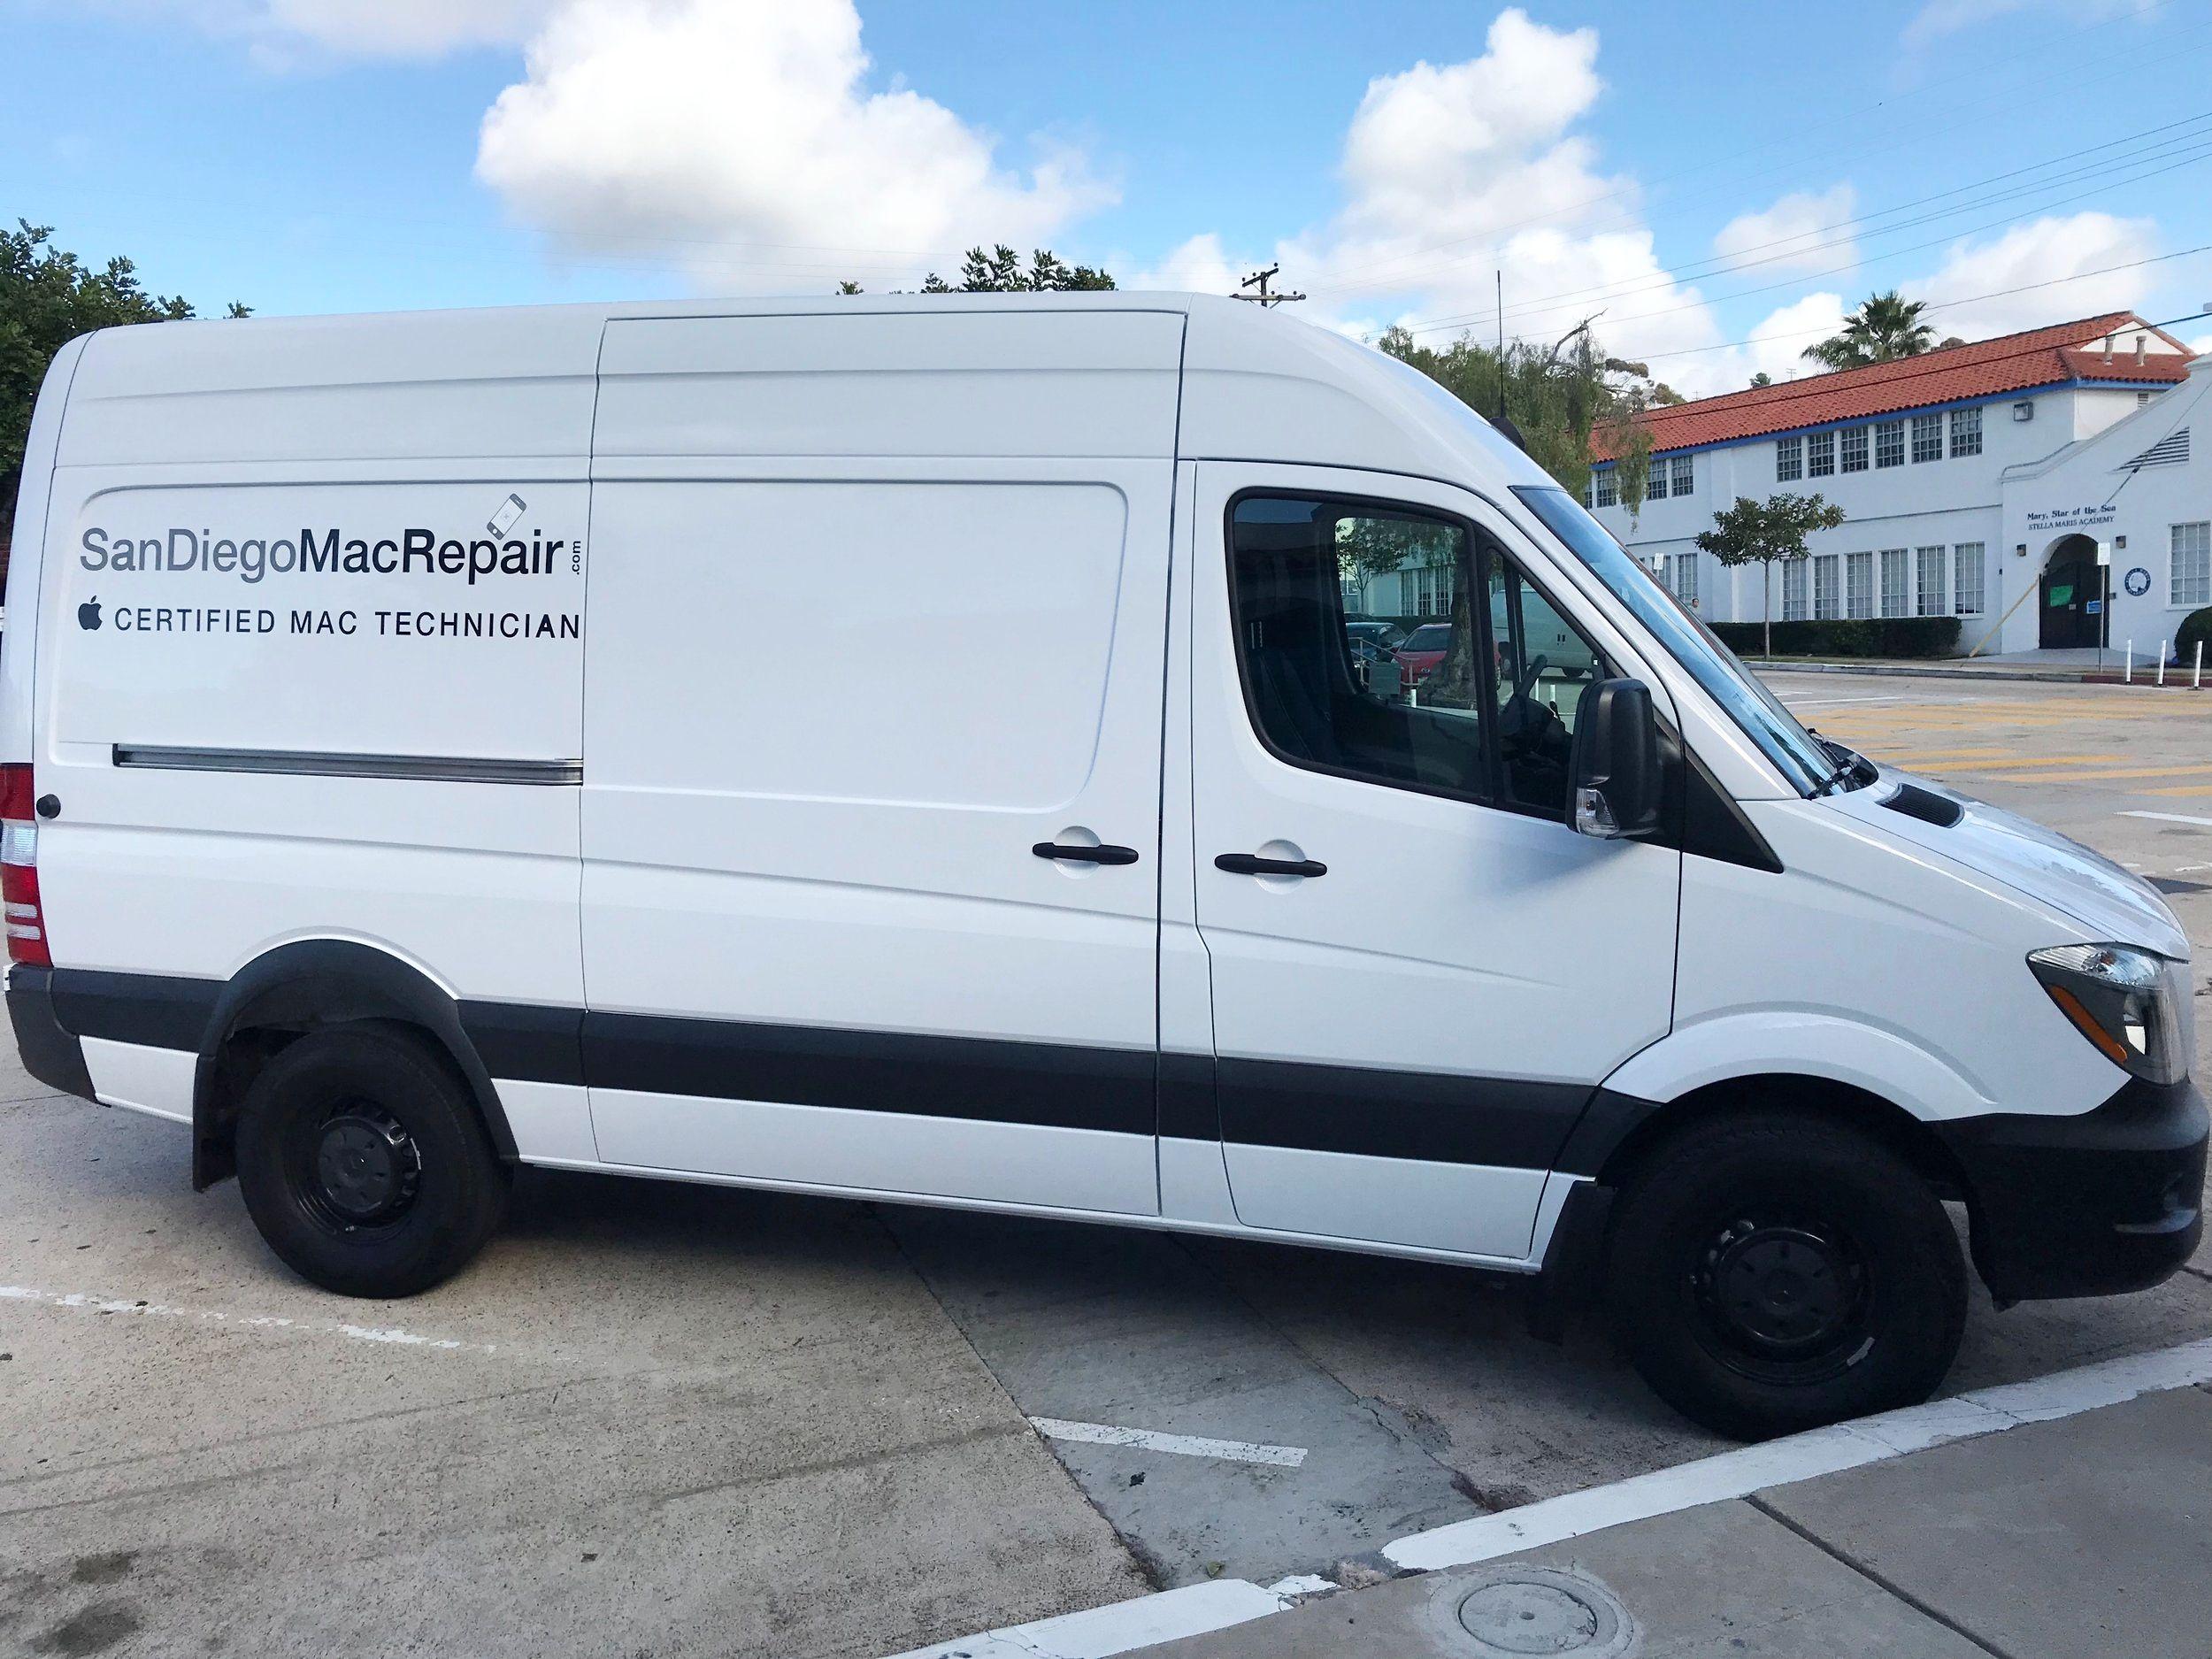 San Diego Mac Repair Is Now Mobile Look For Us Around La Jolla San Diego Mac Repair La Jolla La Jolla San Diego Wifi Mesh